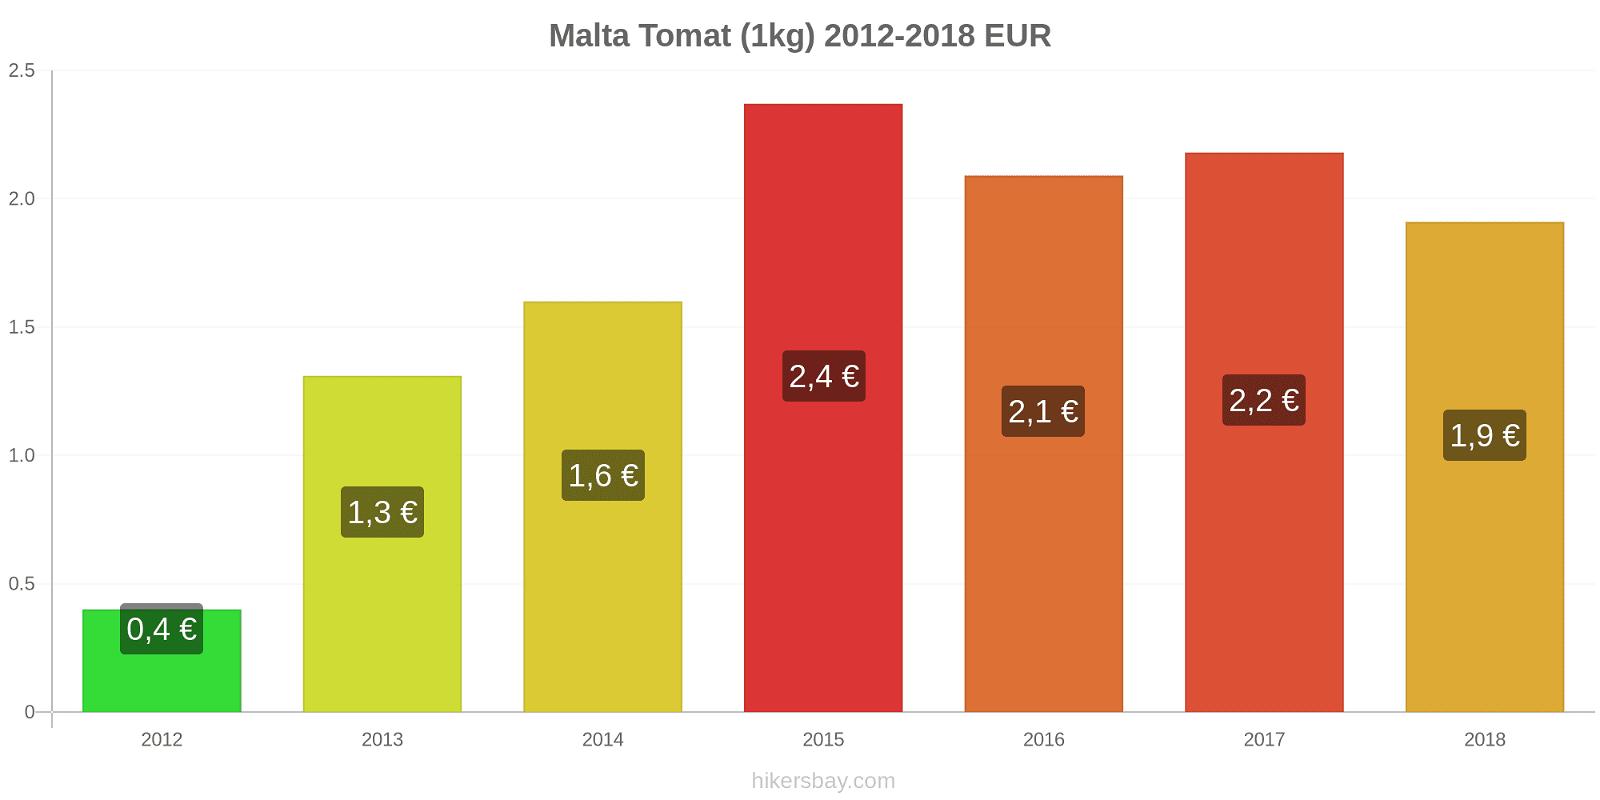 Malta prisændringer Tomat (1kg) hikersbay.com